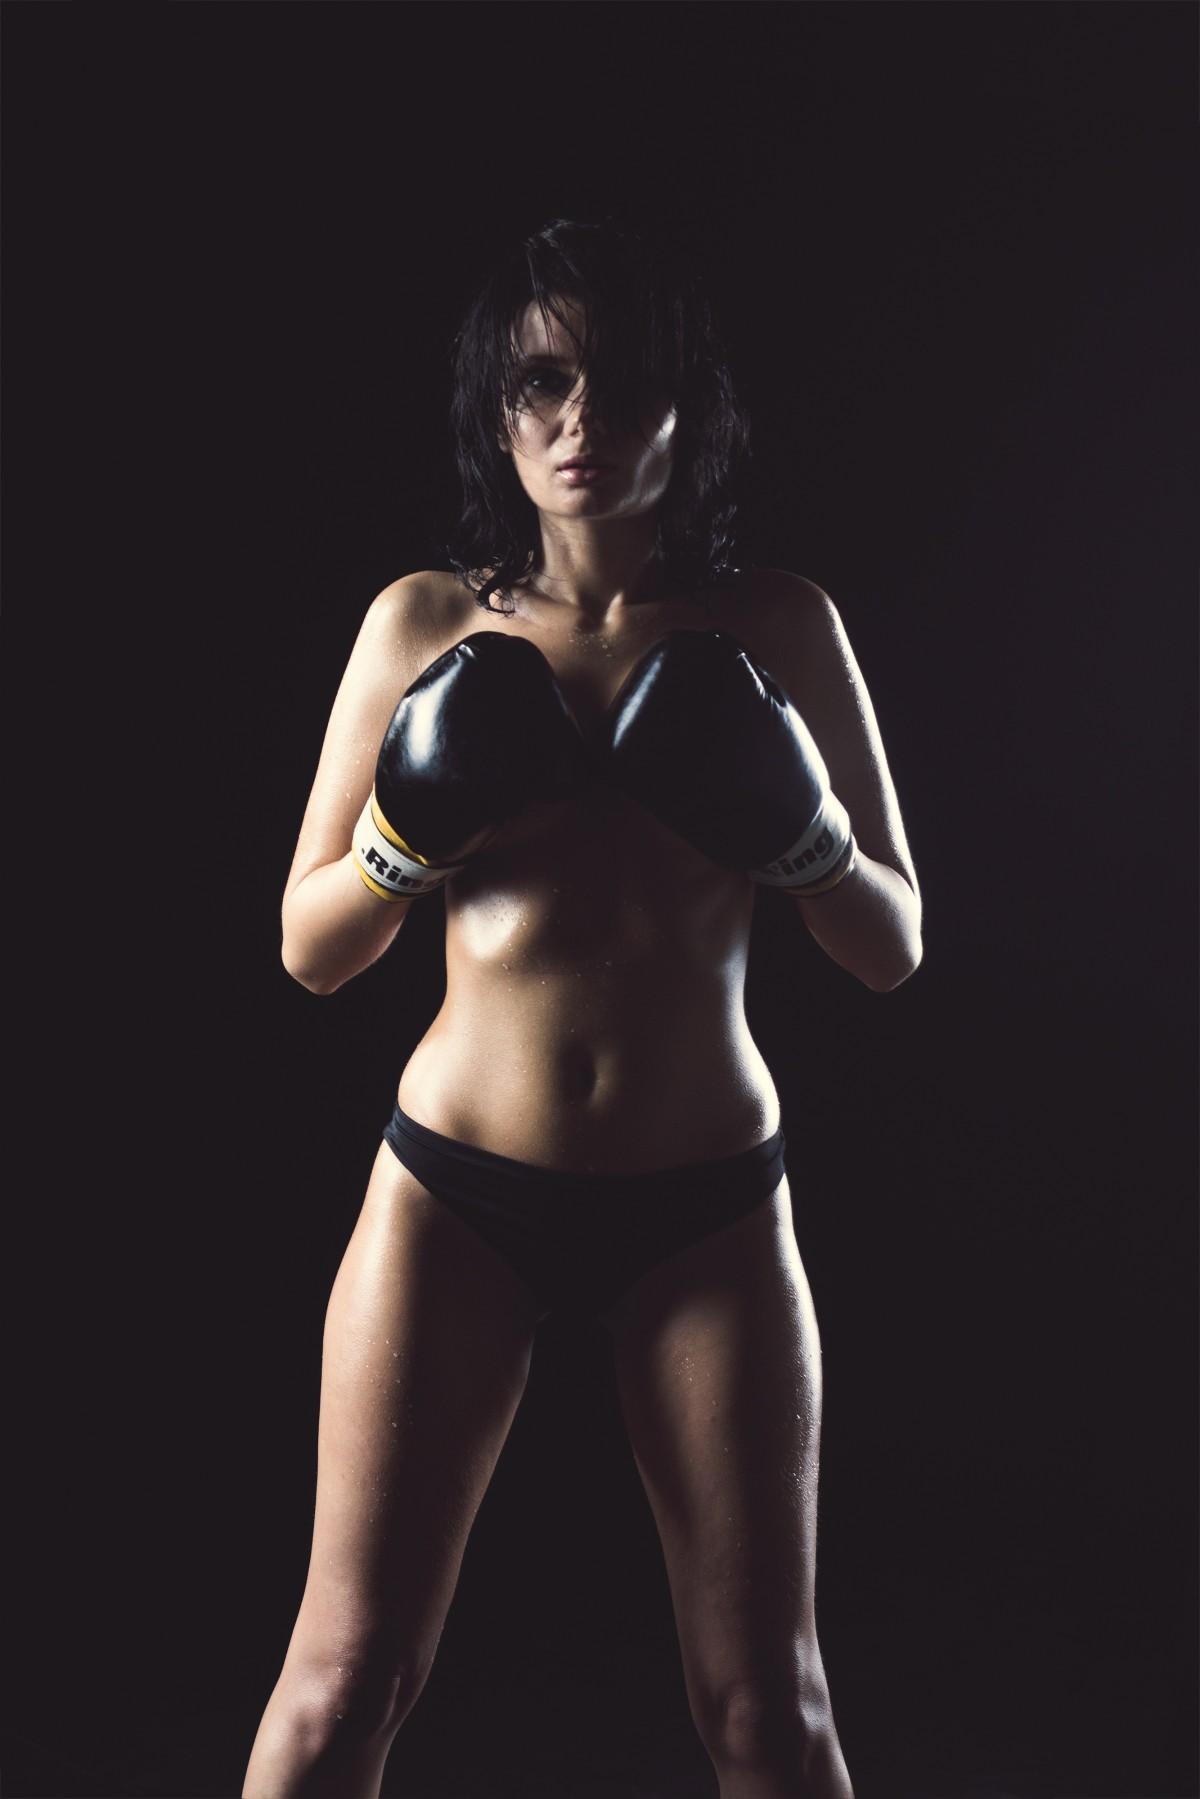 muscle girl beauty nude